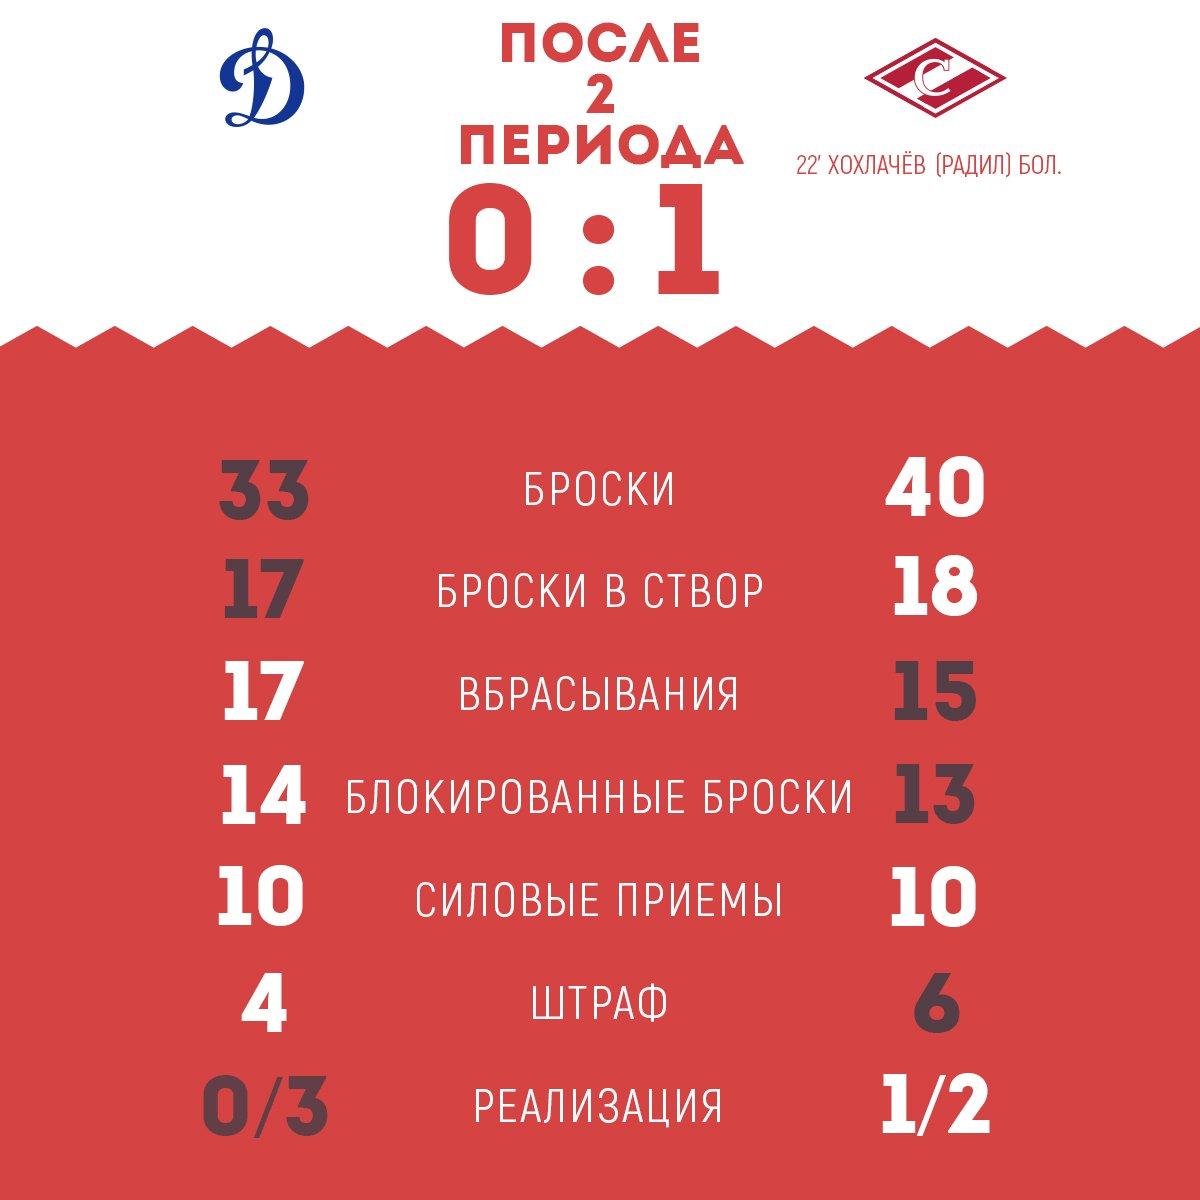 Статистика матча «Динамо» vs «Спартак» после 2-го периода